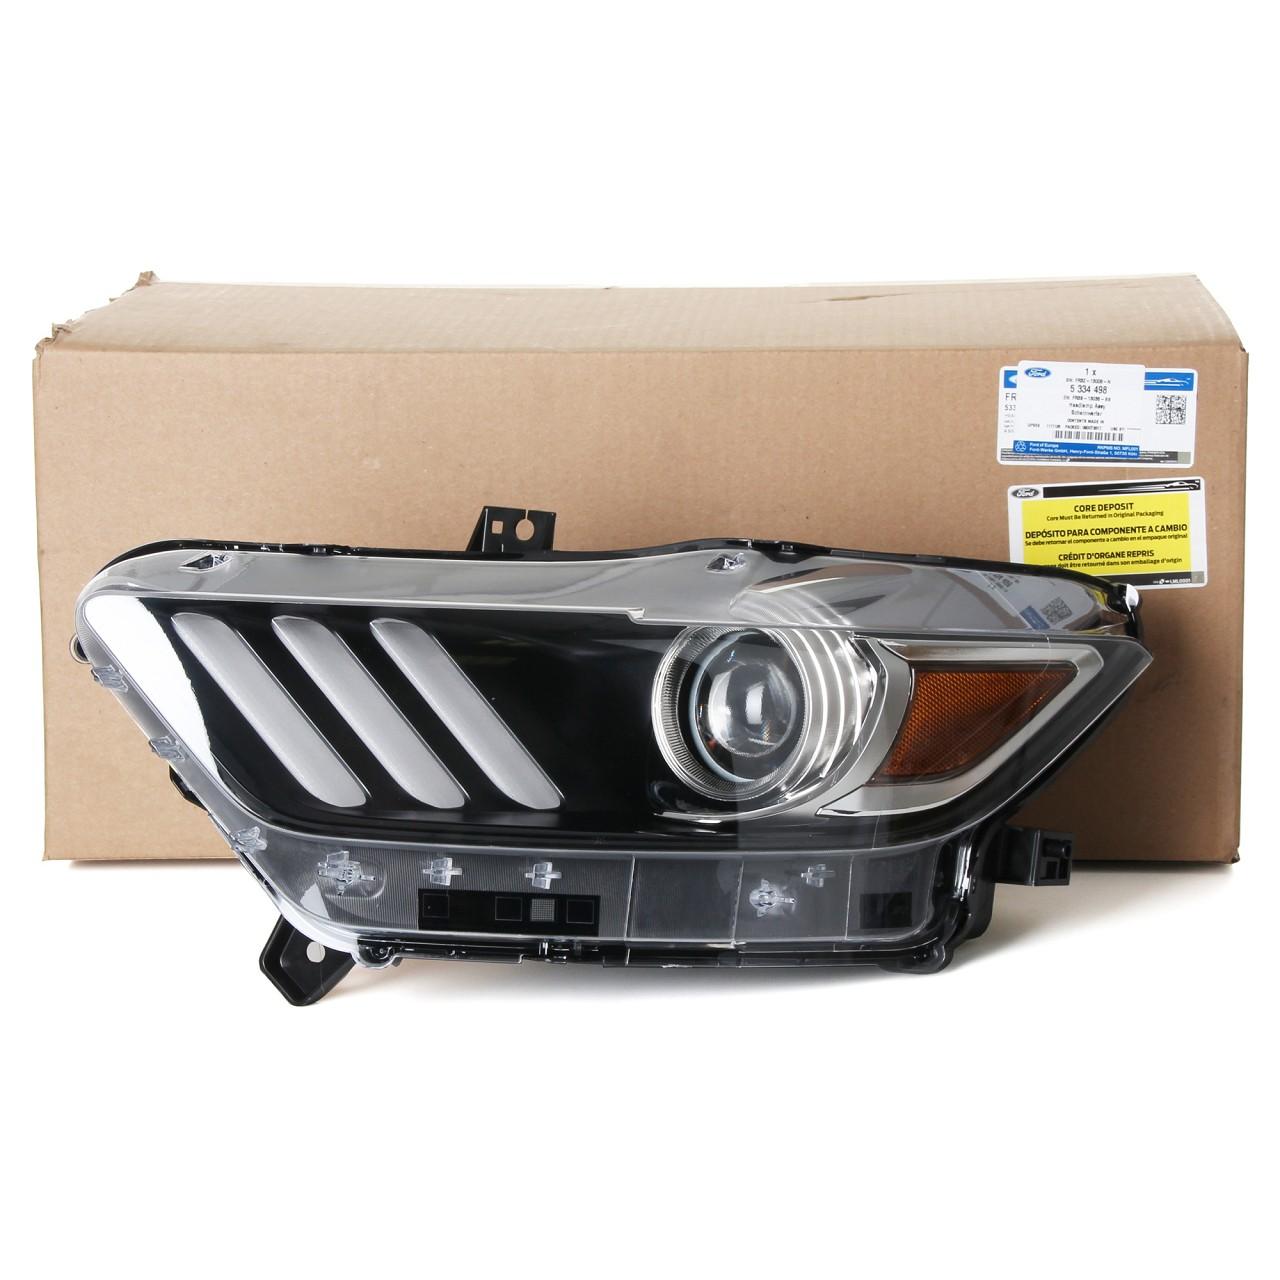 ORIGINAL Ford USA Scheinwerfer XENON für MUSTANG 01.2015-10.2017 links 5334498